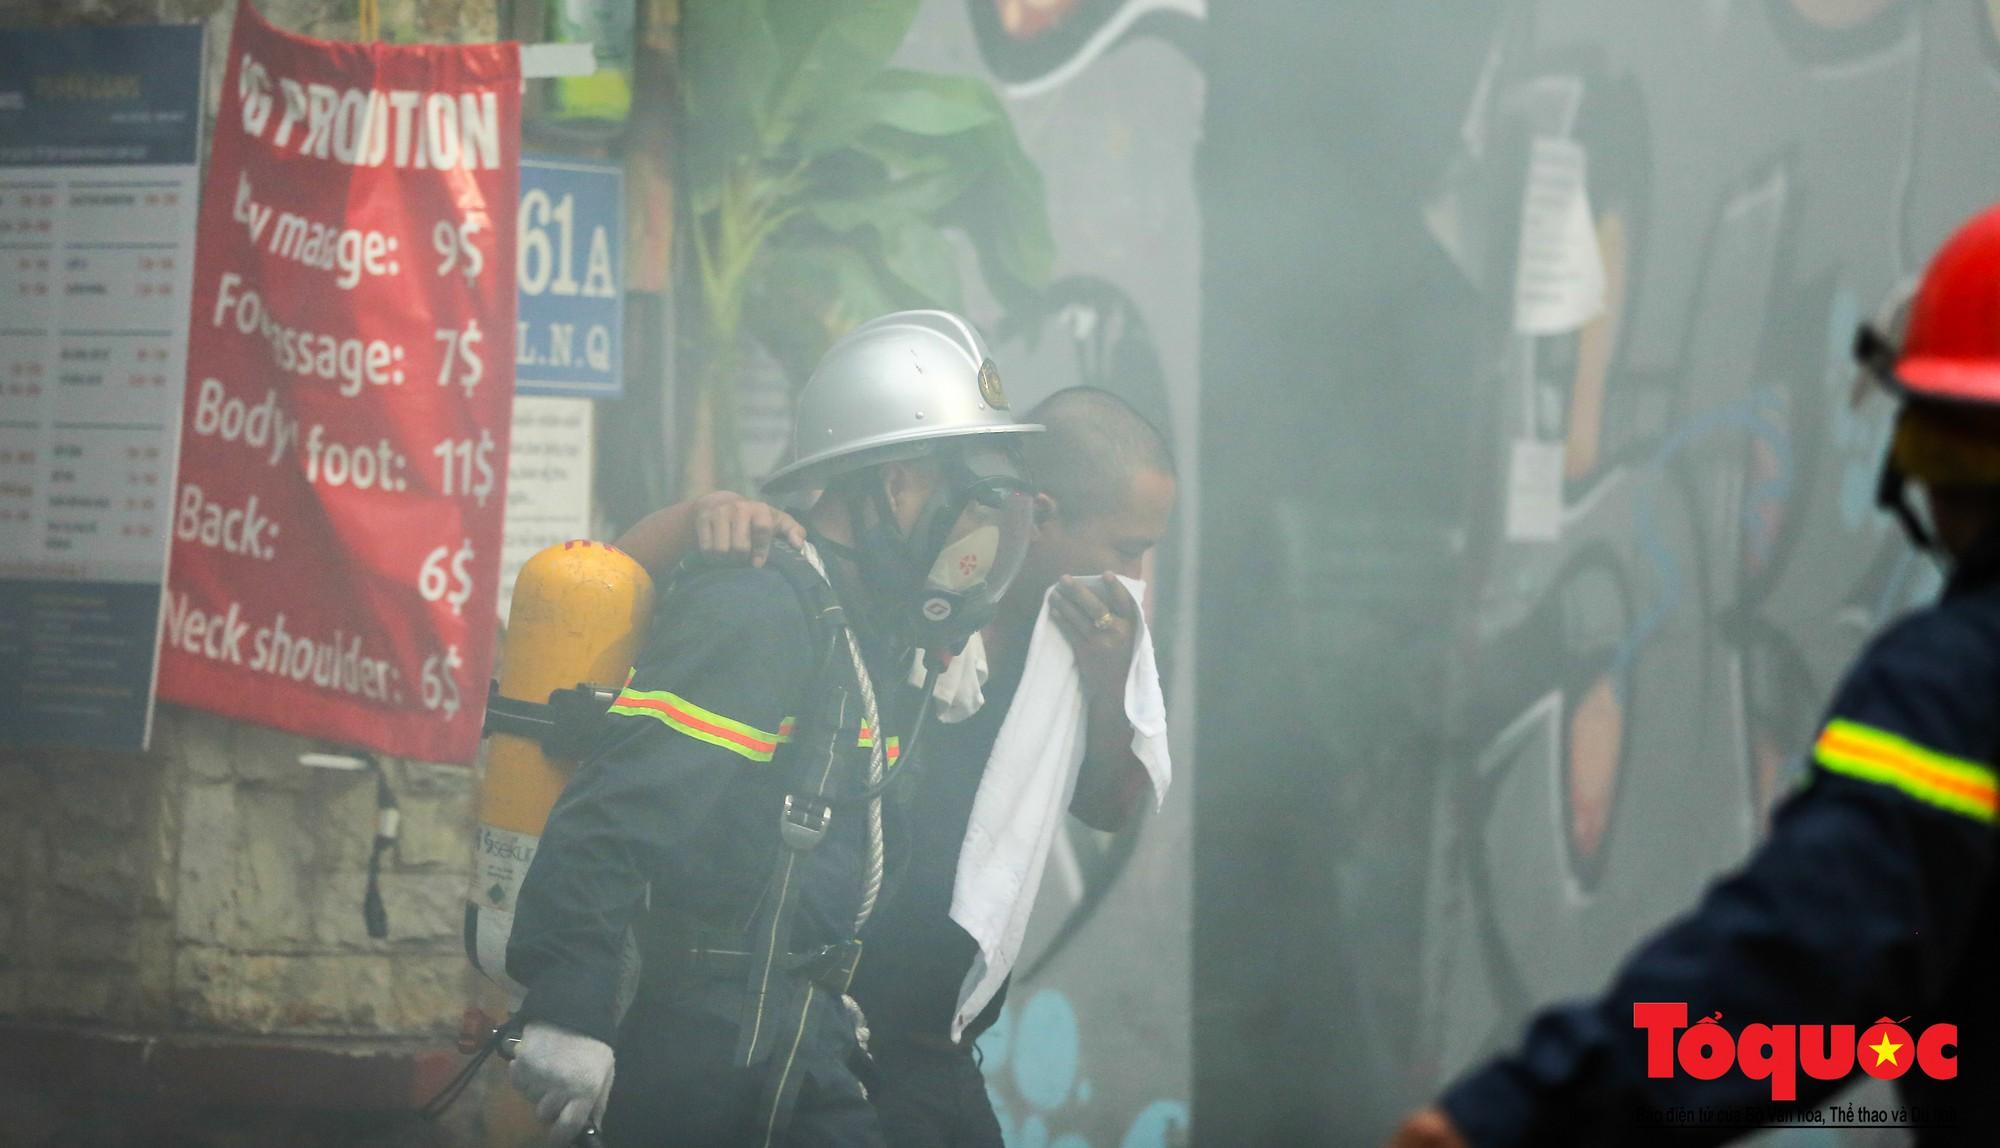 Hà Nội: Cháy khách sạn trên phố cổ, gần 30 người được đưa ra khỏi đám cháy - Ảnh 4.